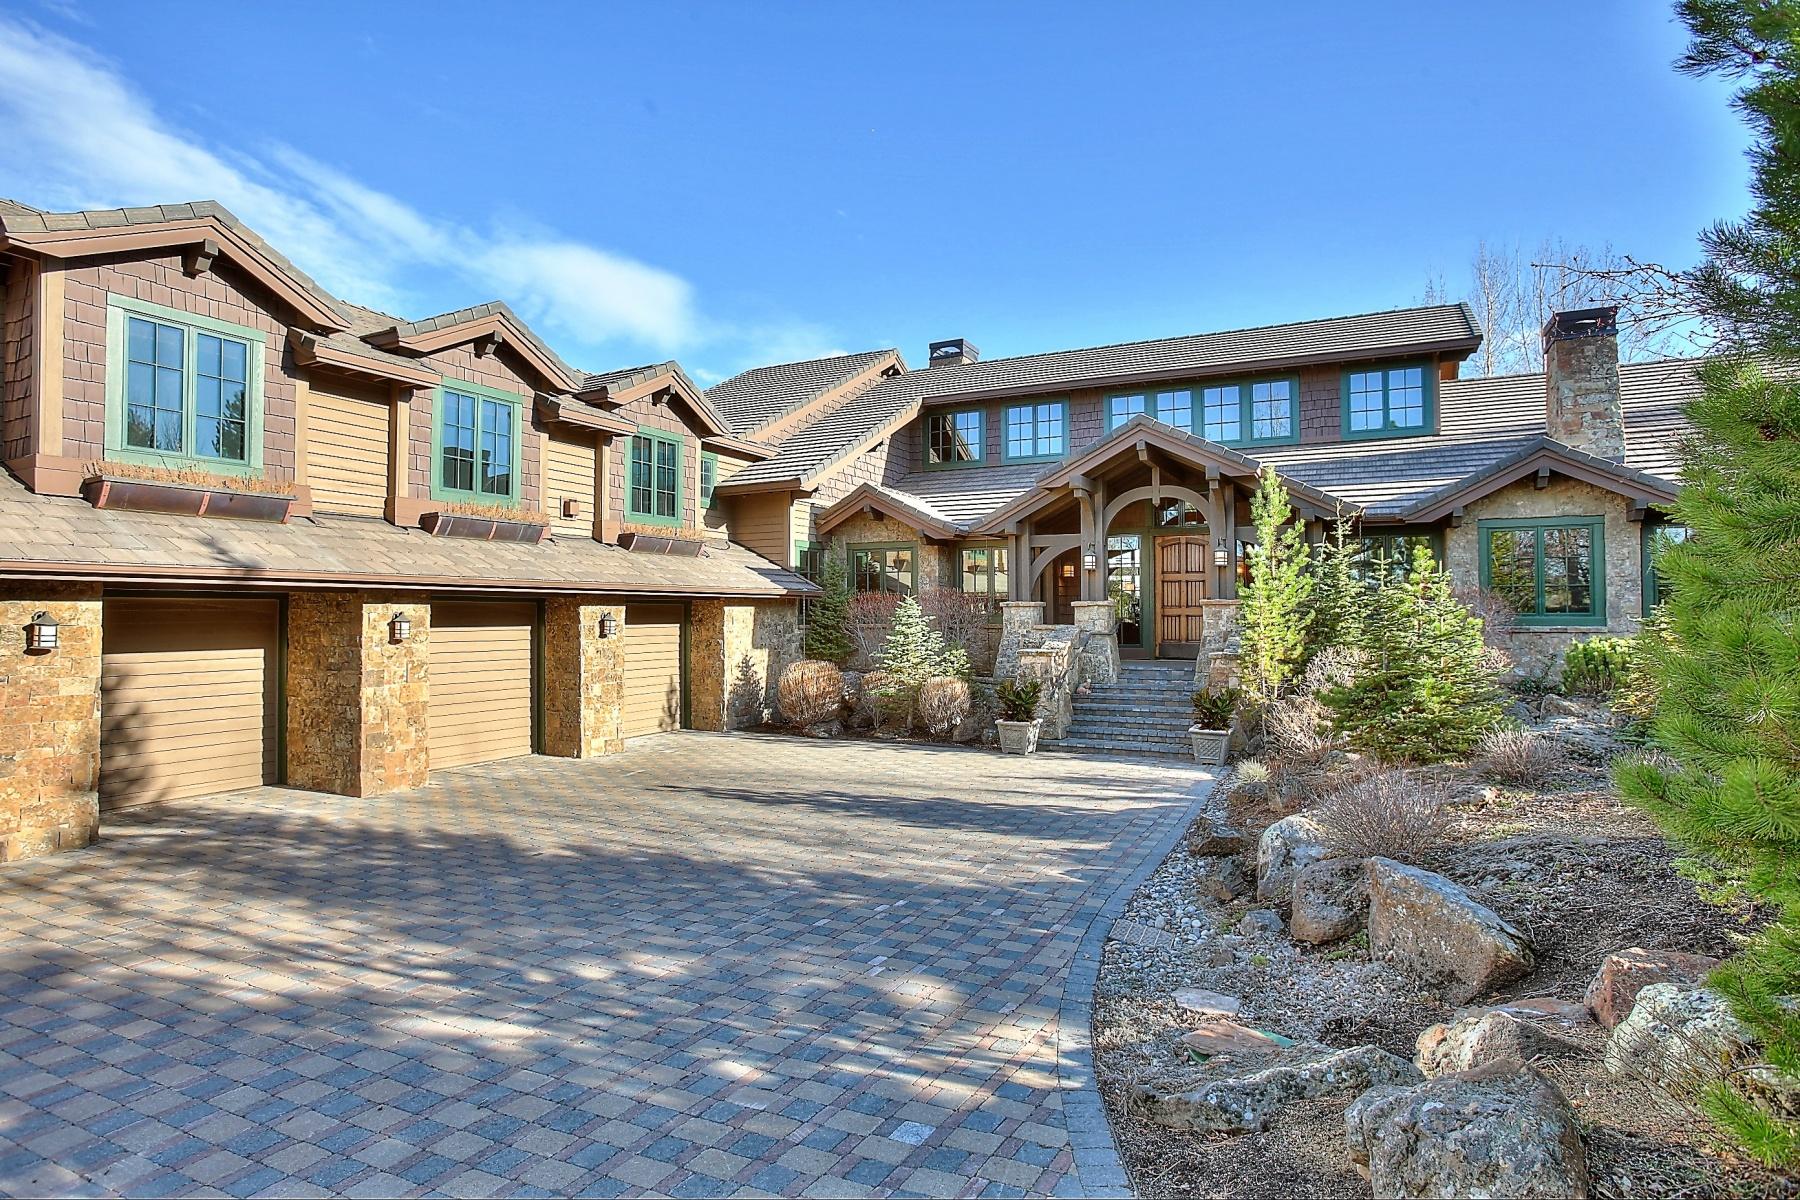 獨棟家庭住宅 為 出售 在 Broken Top Masterpiece 19256 Green Lakes Loop Bend, 俄勒岡州, 97702 美國